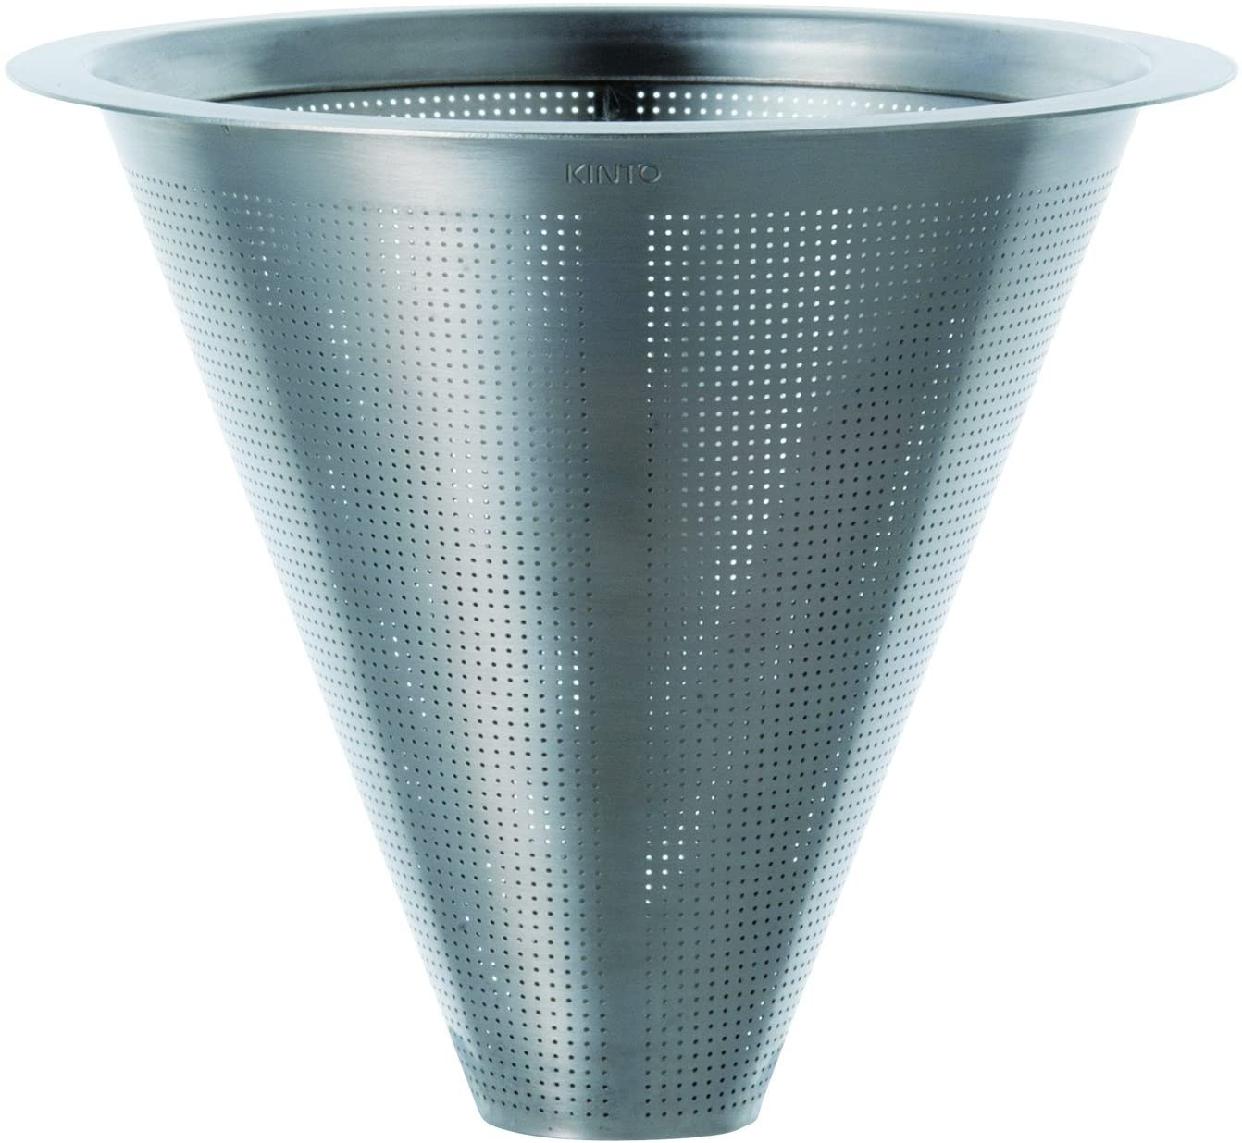 KINTO(キントー) CARAT ドリッパー&ポット 4cups 21678の商品画像5